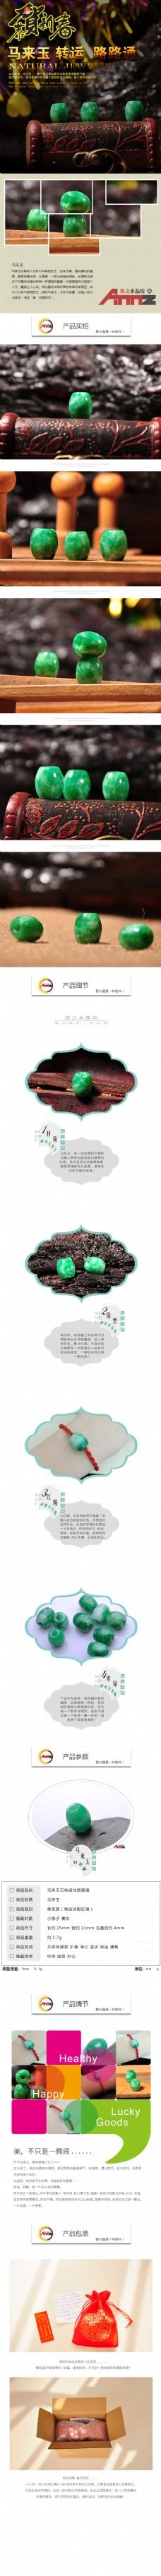 淘宝饰品马来玉转运珠红绳本命手串详情设计